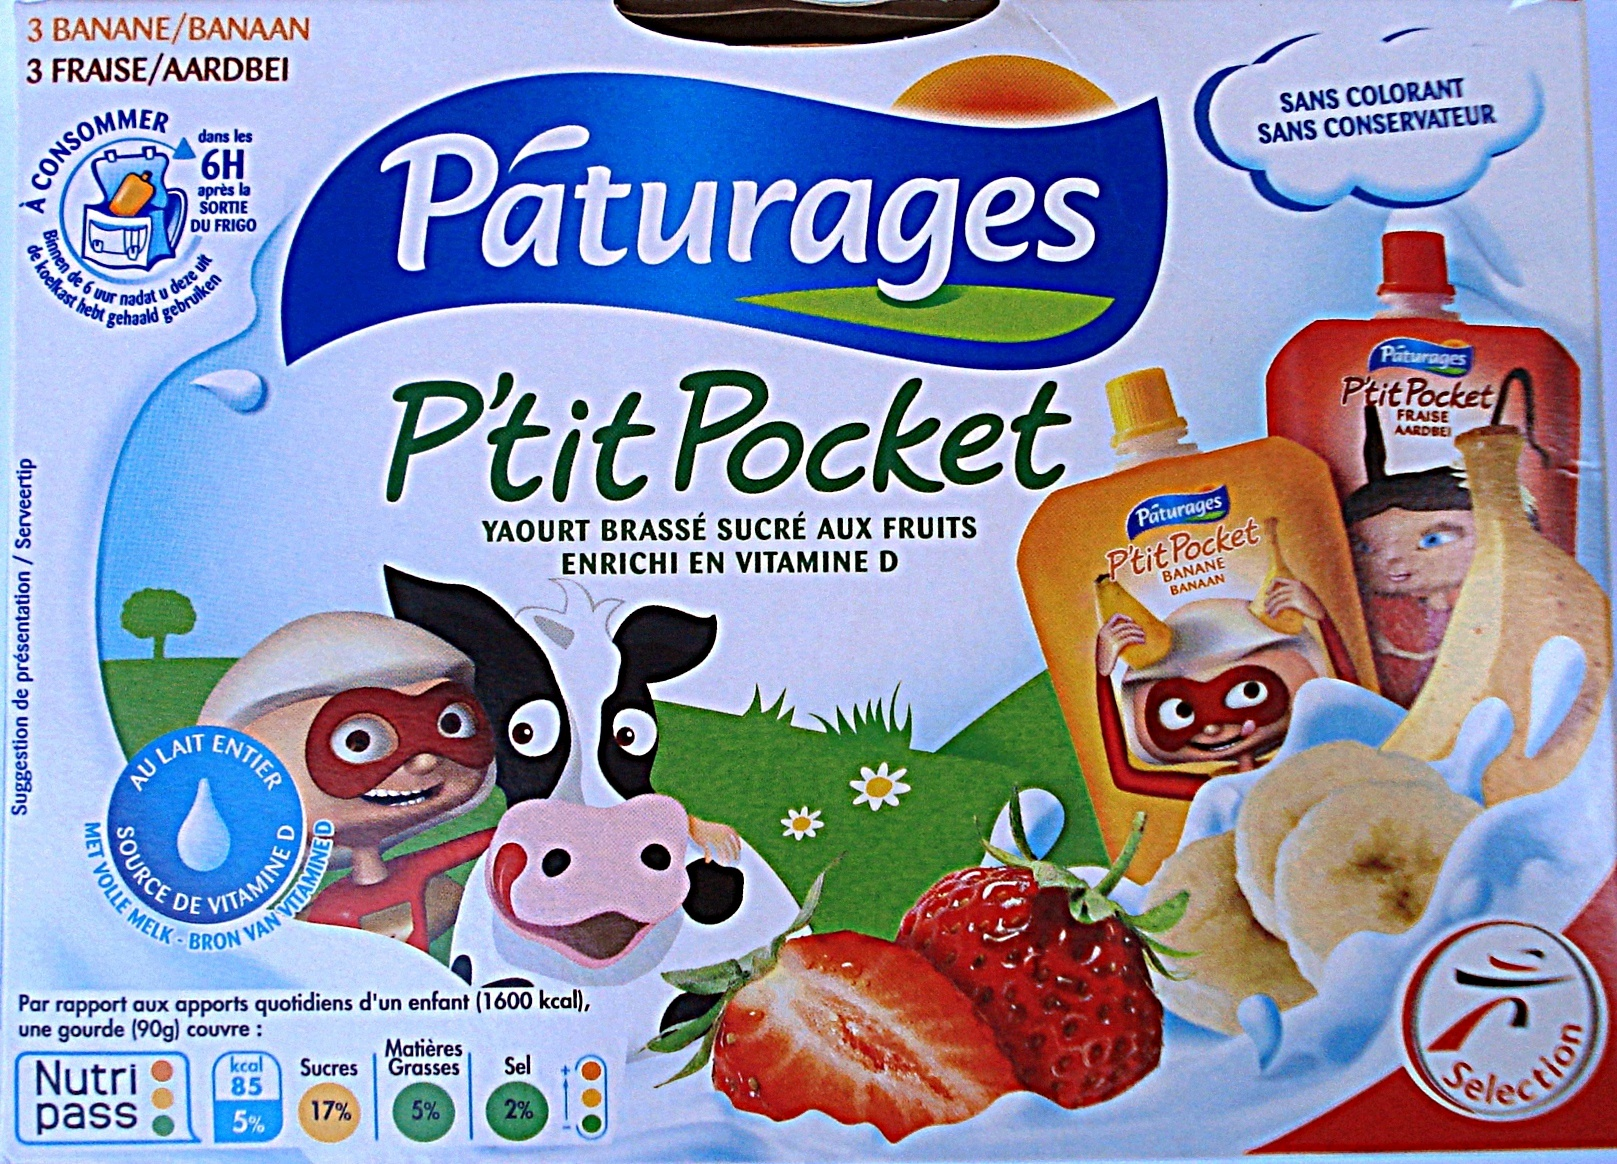 Pocket fraise, banane - Produit